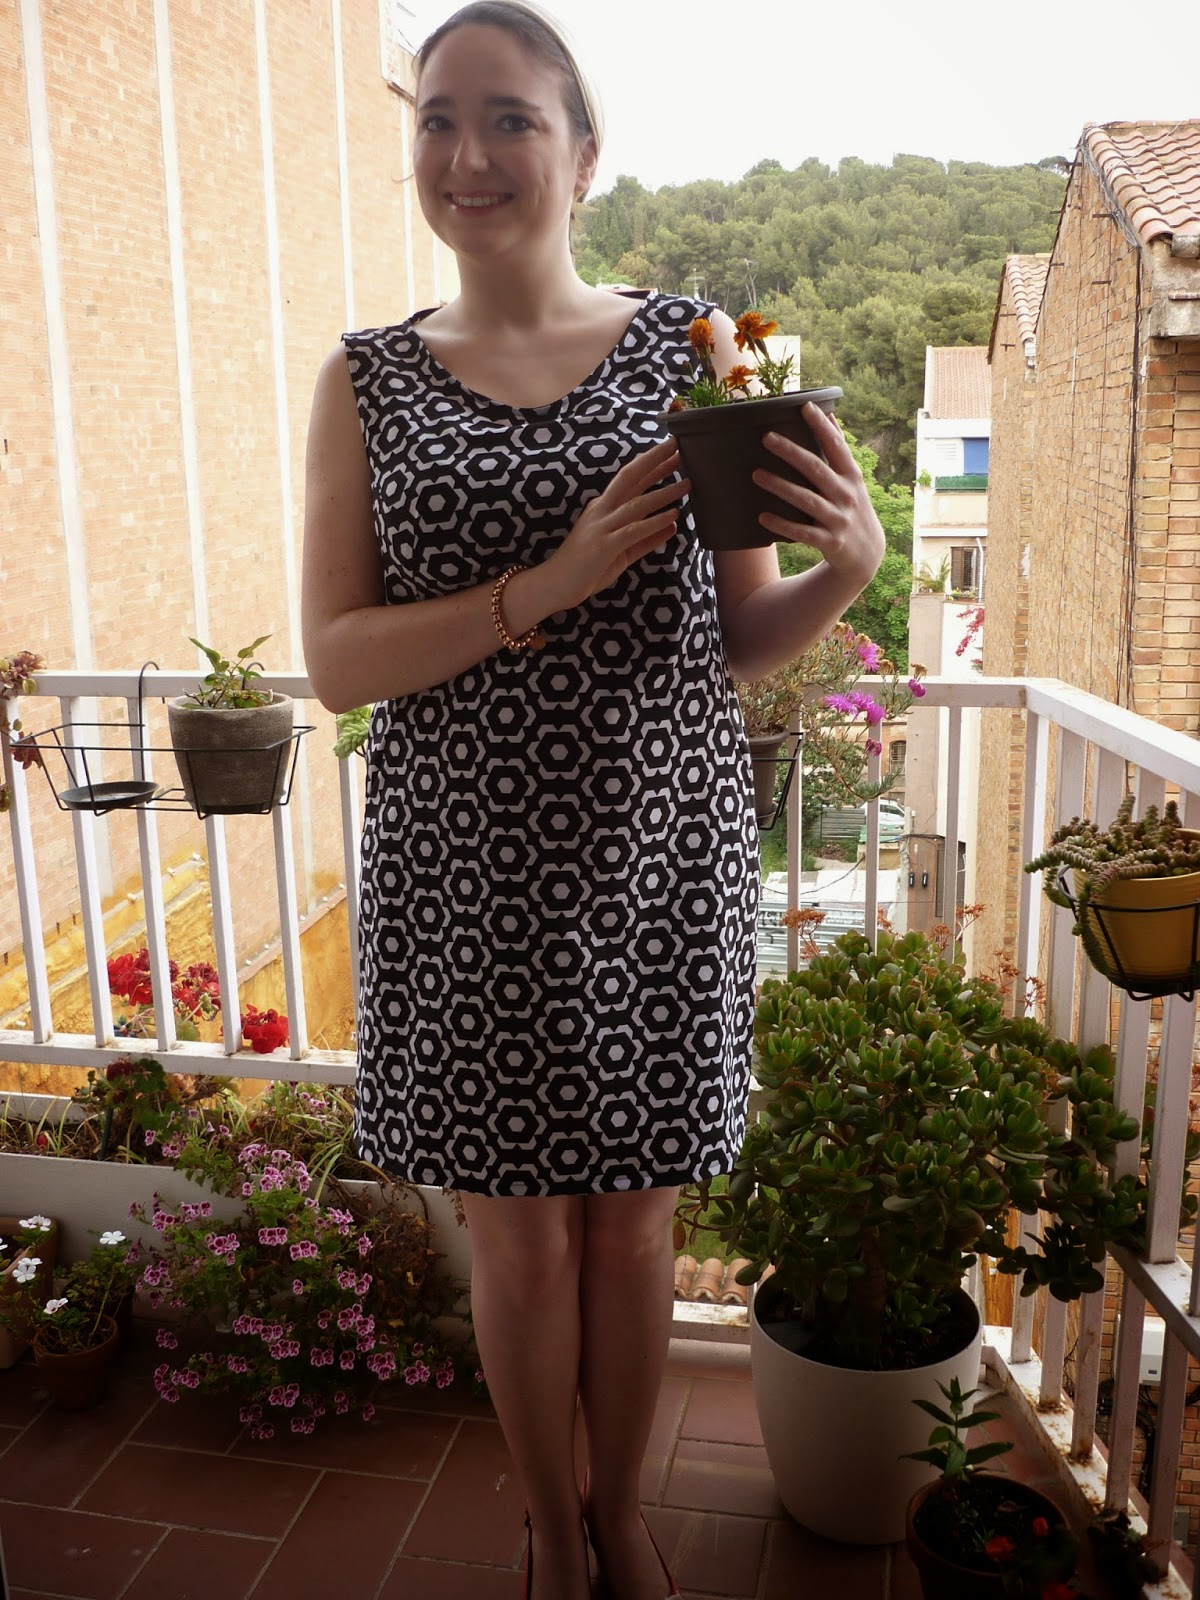 blanco y negro flores 60's modistilla de pacotilla burda 09/2012 109 vestido